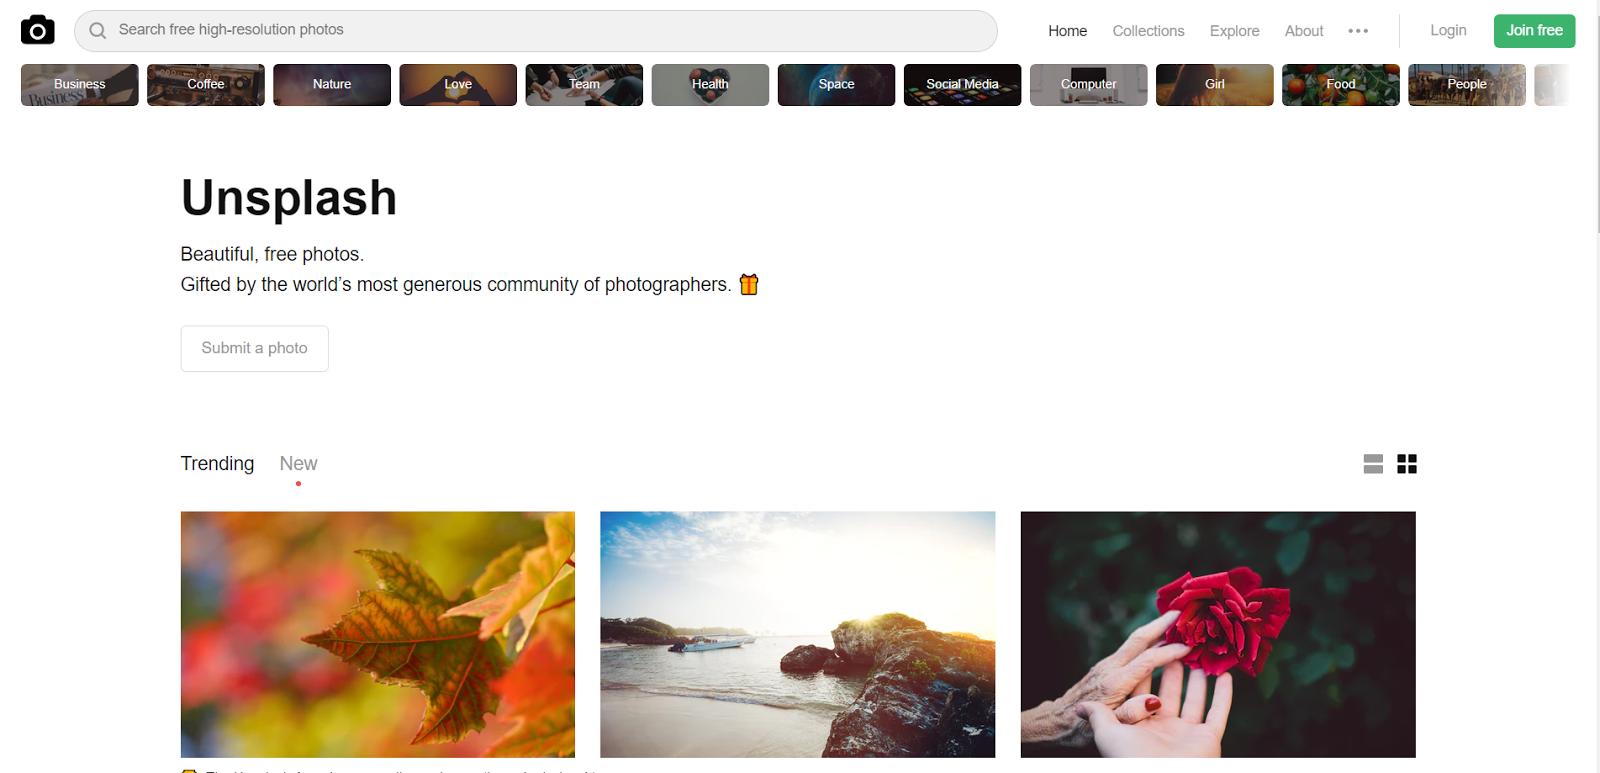 مواقع لتحميل صور العالية الجودة وبالمجان HD 4K أفضل مواقع صور عالية الجودة إليك أكثر من موقع تحميل صور عالية الجودة